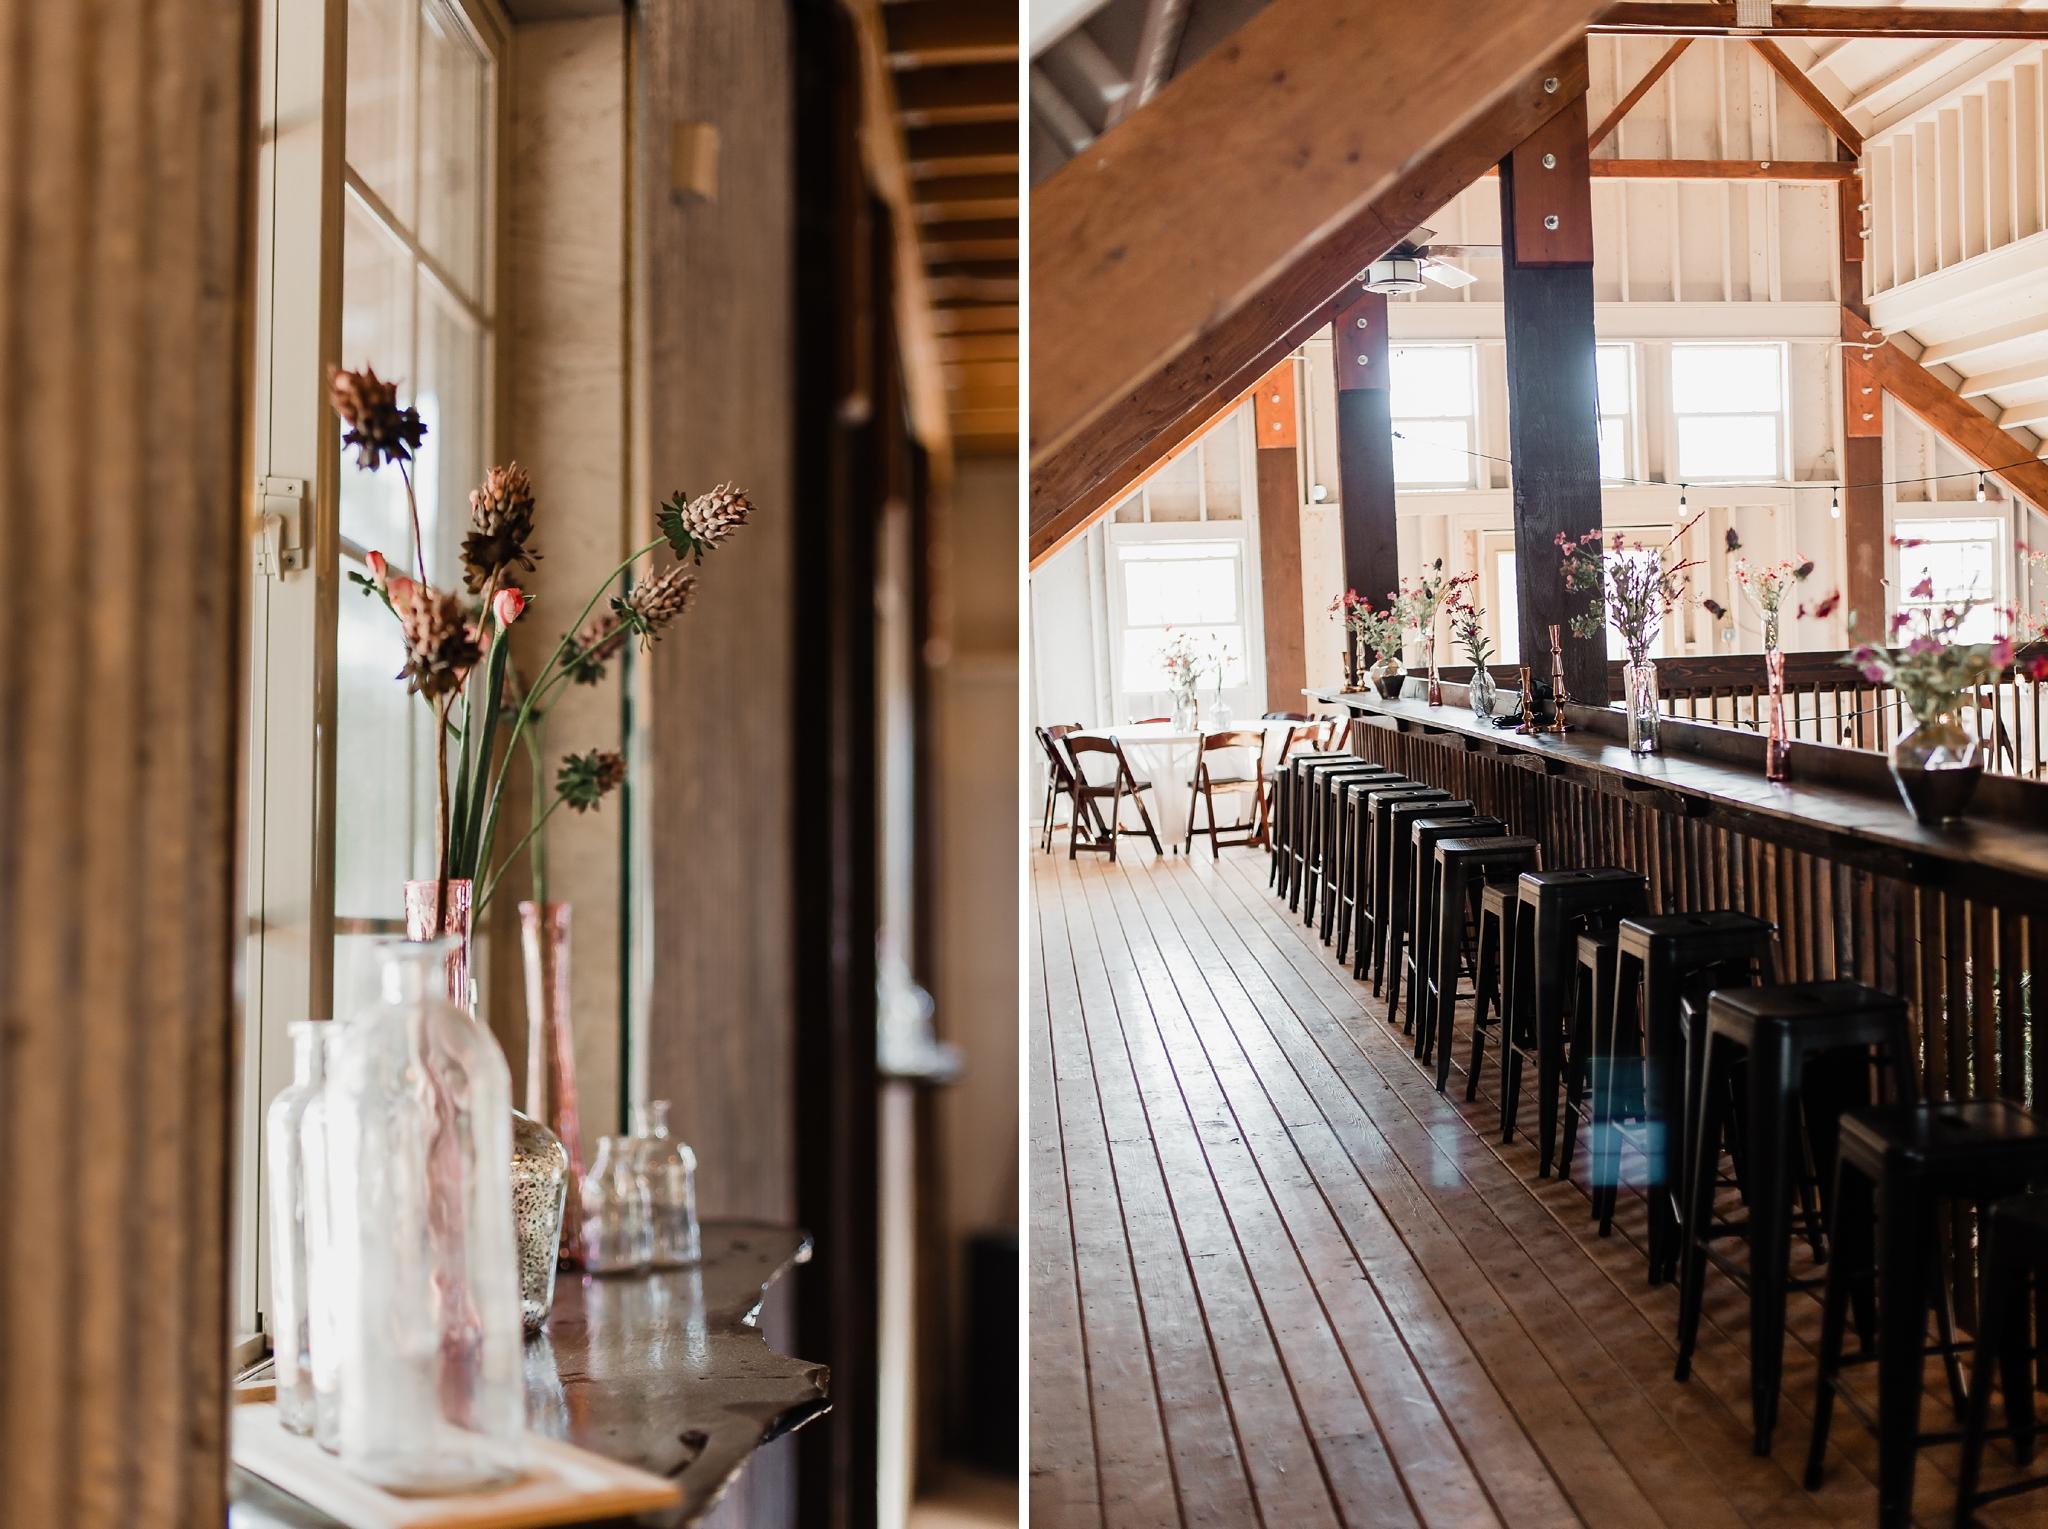 Alicia+lucia+photography+-+albuquerque+wedding+photographer+-+santa+fe+wedding+photography+-+new+mexico+wedding+photographer+-+new+mexico+wedding+-+new+mexico+wedding+-+barn+wedding+-+enchanted+vine+barn+wedding+-+ruidoso+wedding_0048.jpg